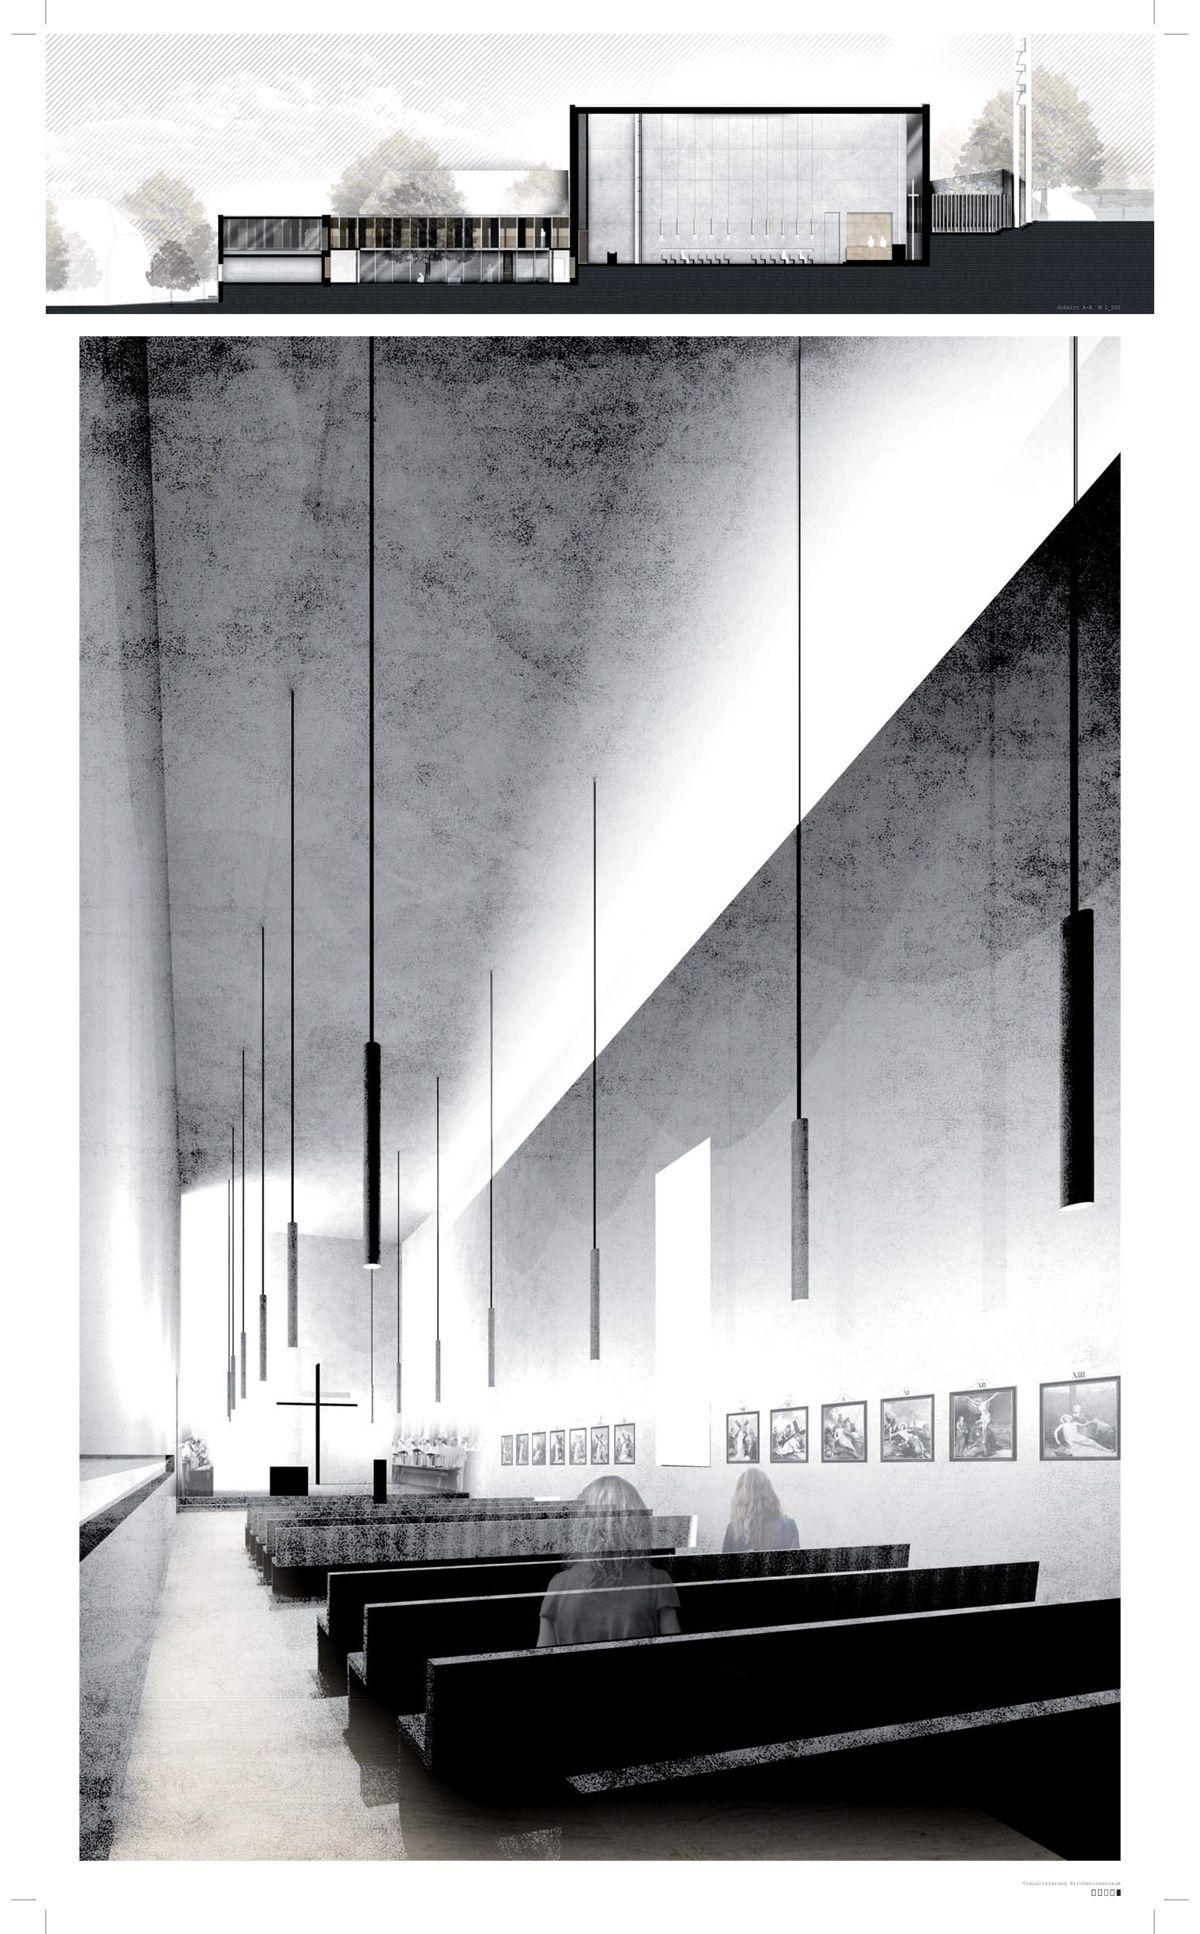 1 preis bereich architektur angelina kuhnert for Innenraum design